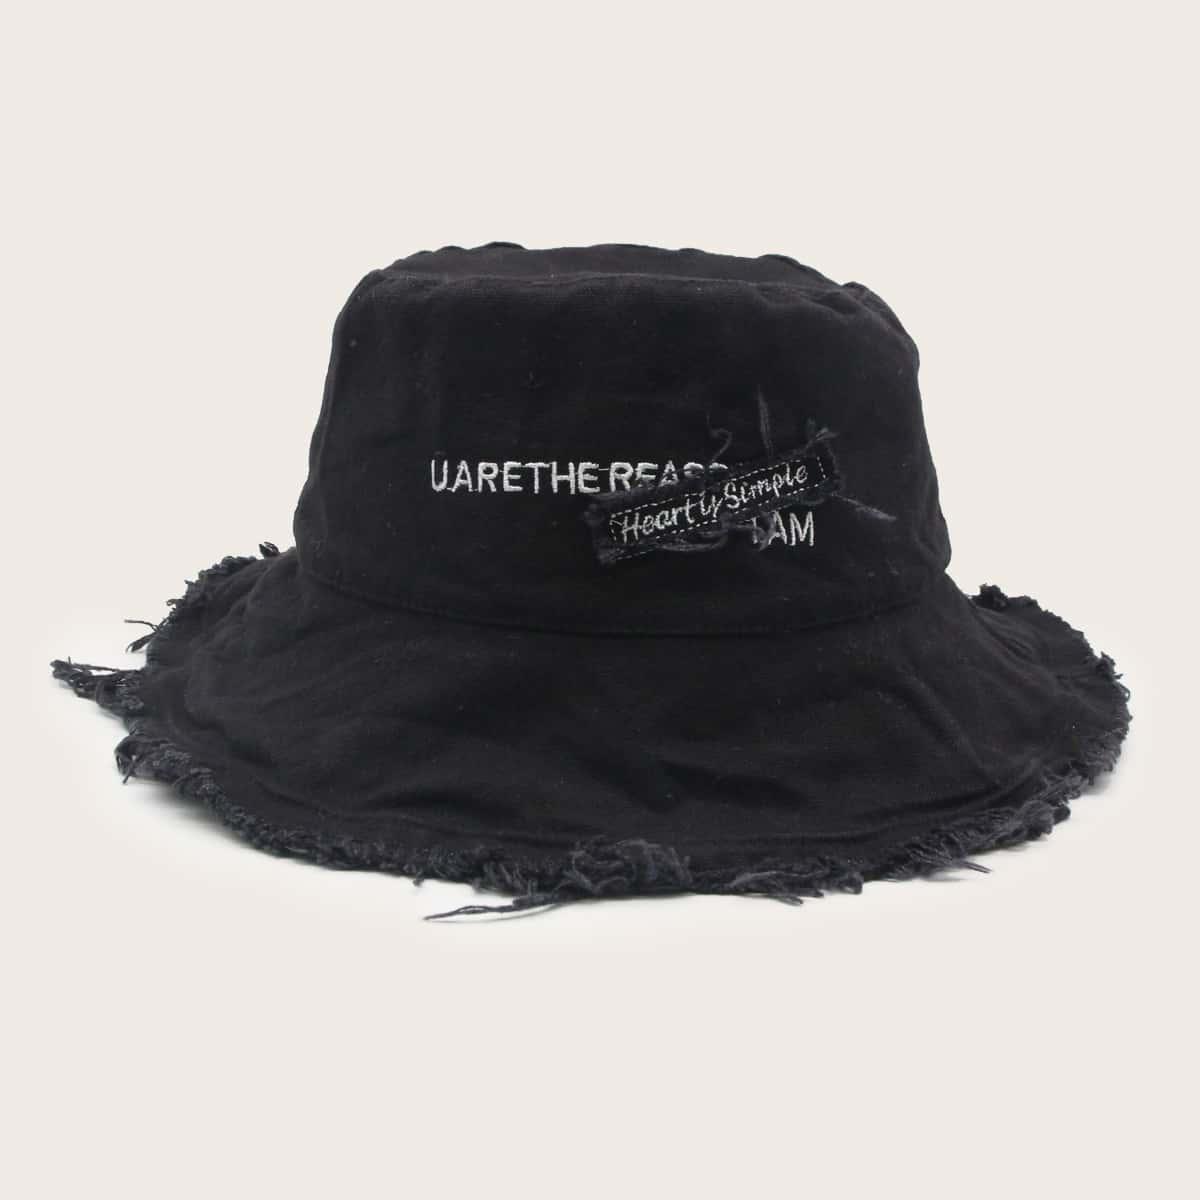 Шляпа с текстовым принтом